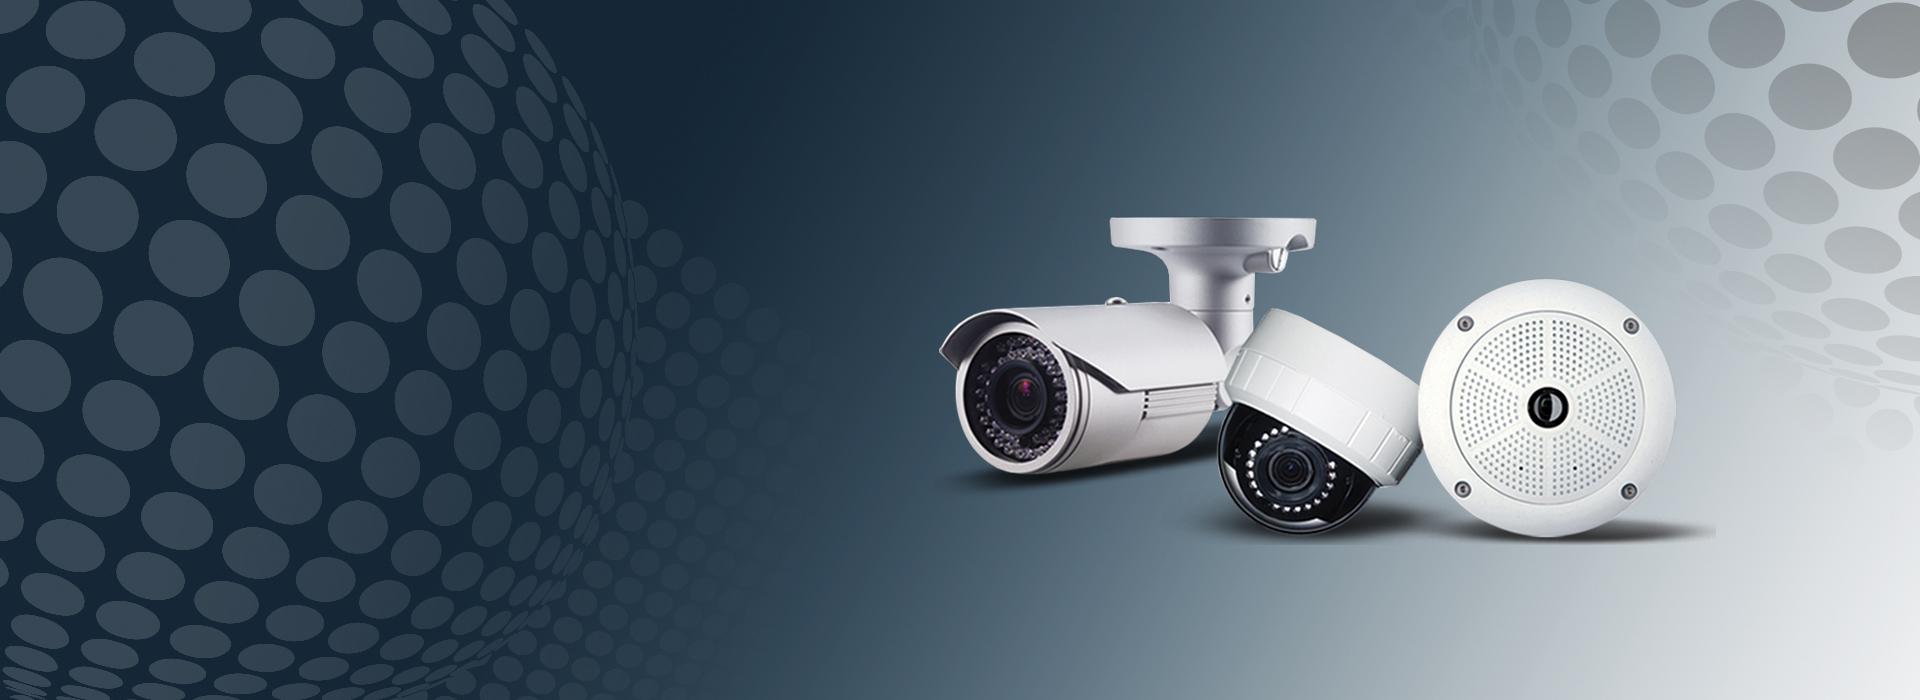 Cctv Camera System Home